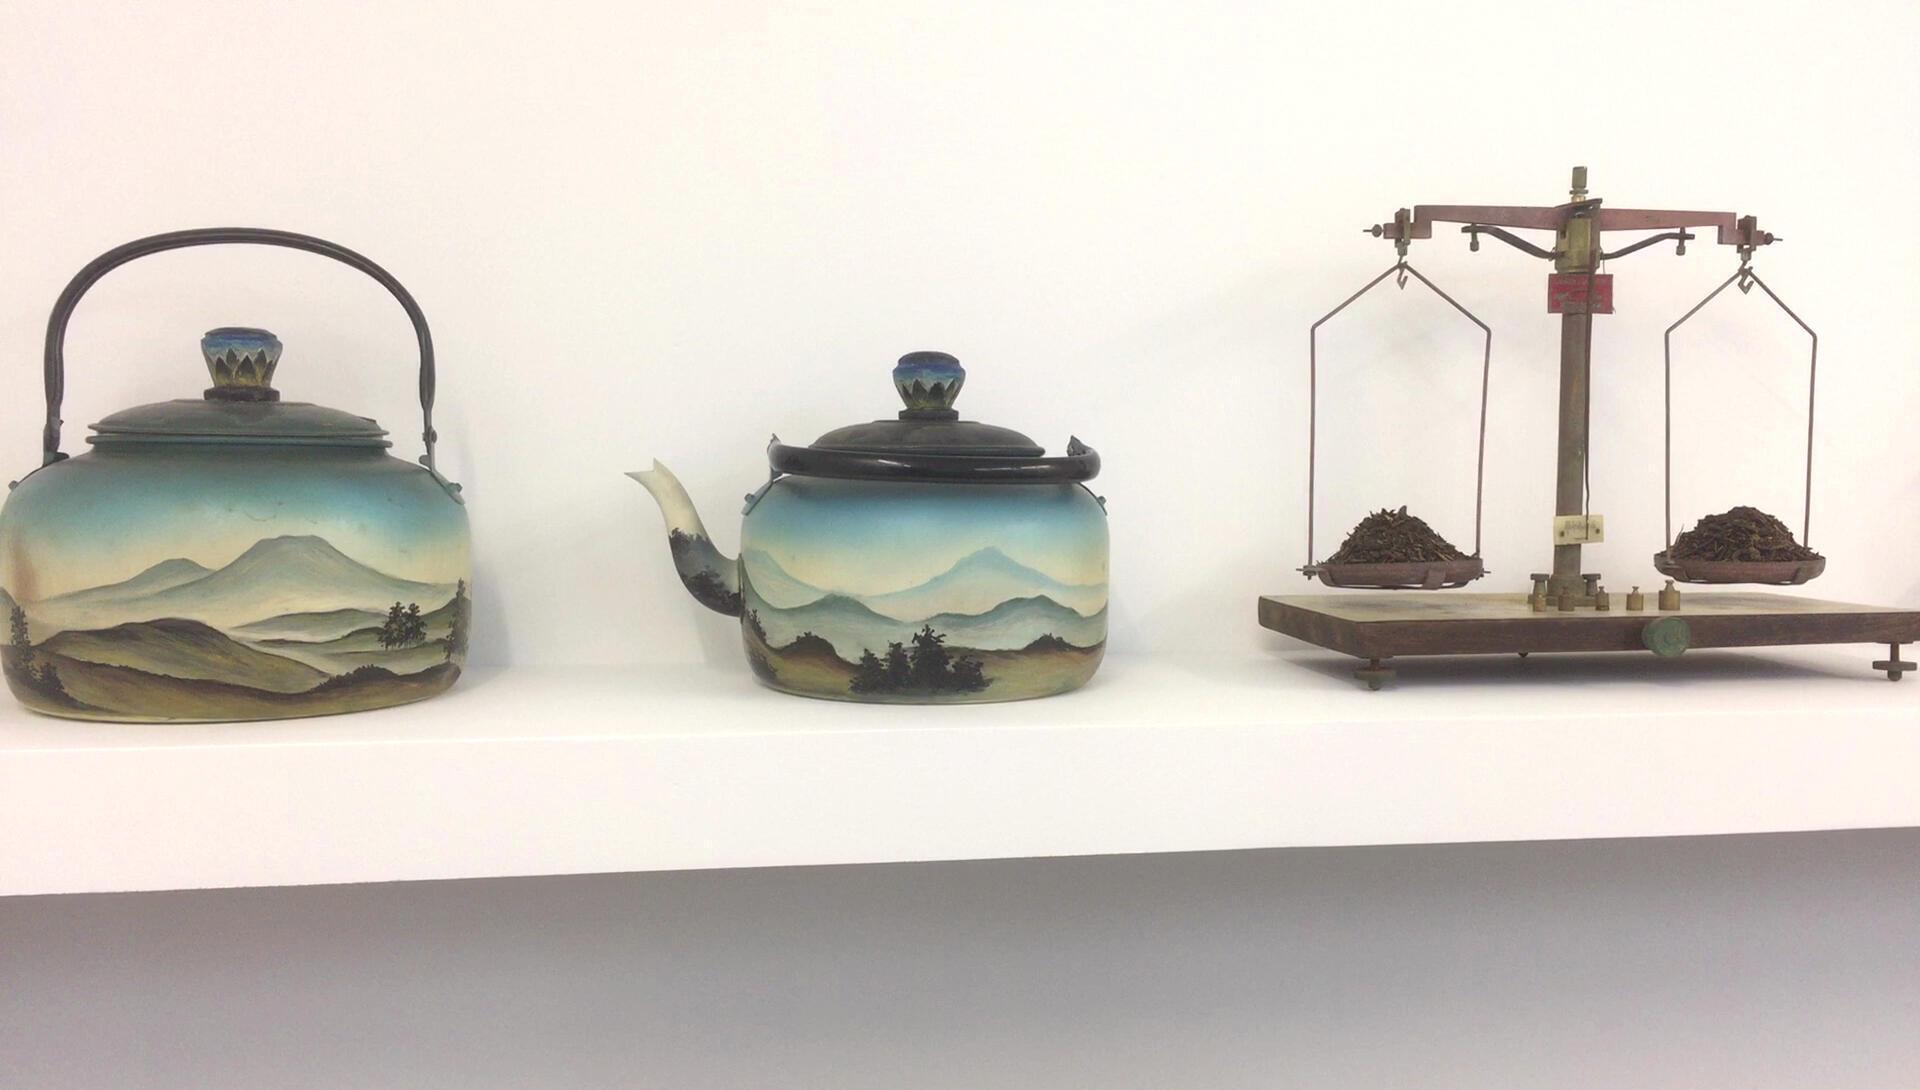 « High Tea », installation d'art contemporain indonésien de Mella Jaarsma dans l'exposition « Java – Art Energy » à l'Institut des Cultures d'Islam (ICI) à Paris.